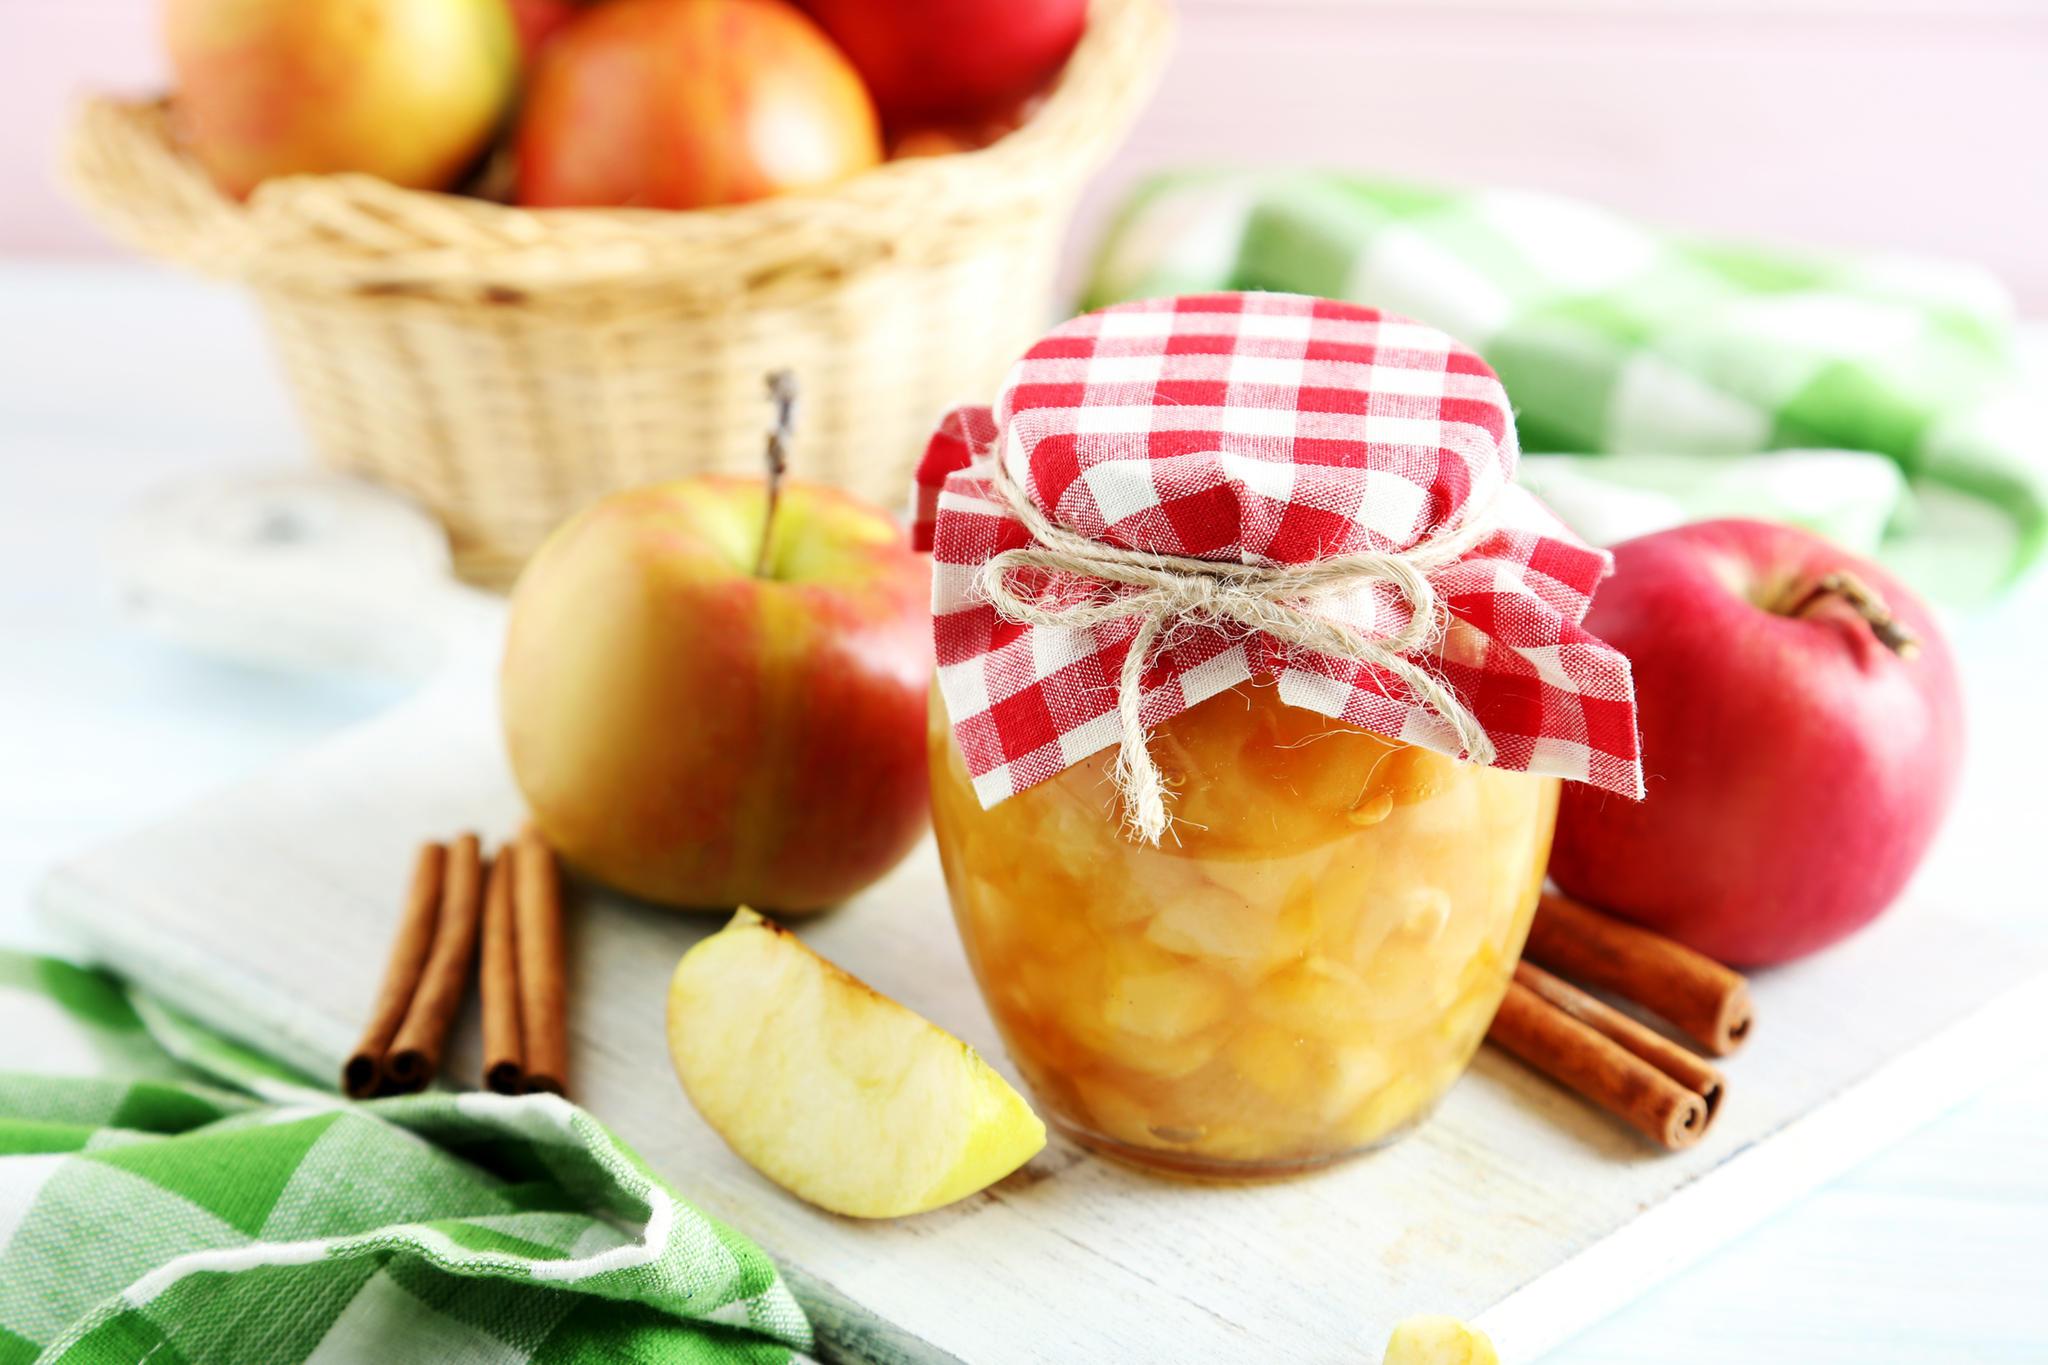 Äpfel einkochen: So einfach funktioniert\'s | BRIGITTE.de